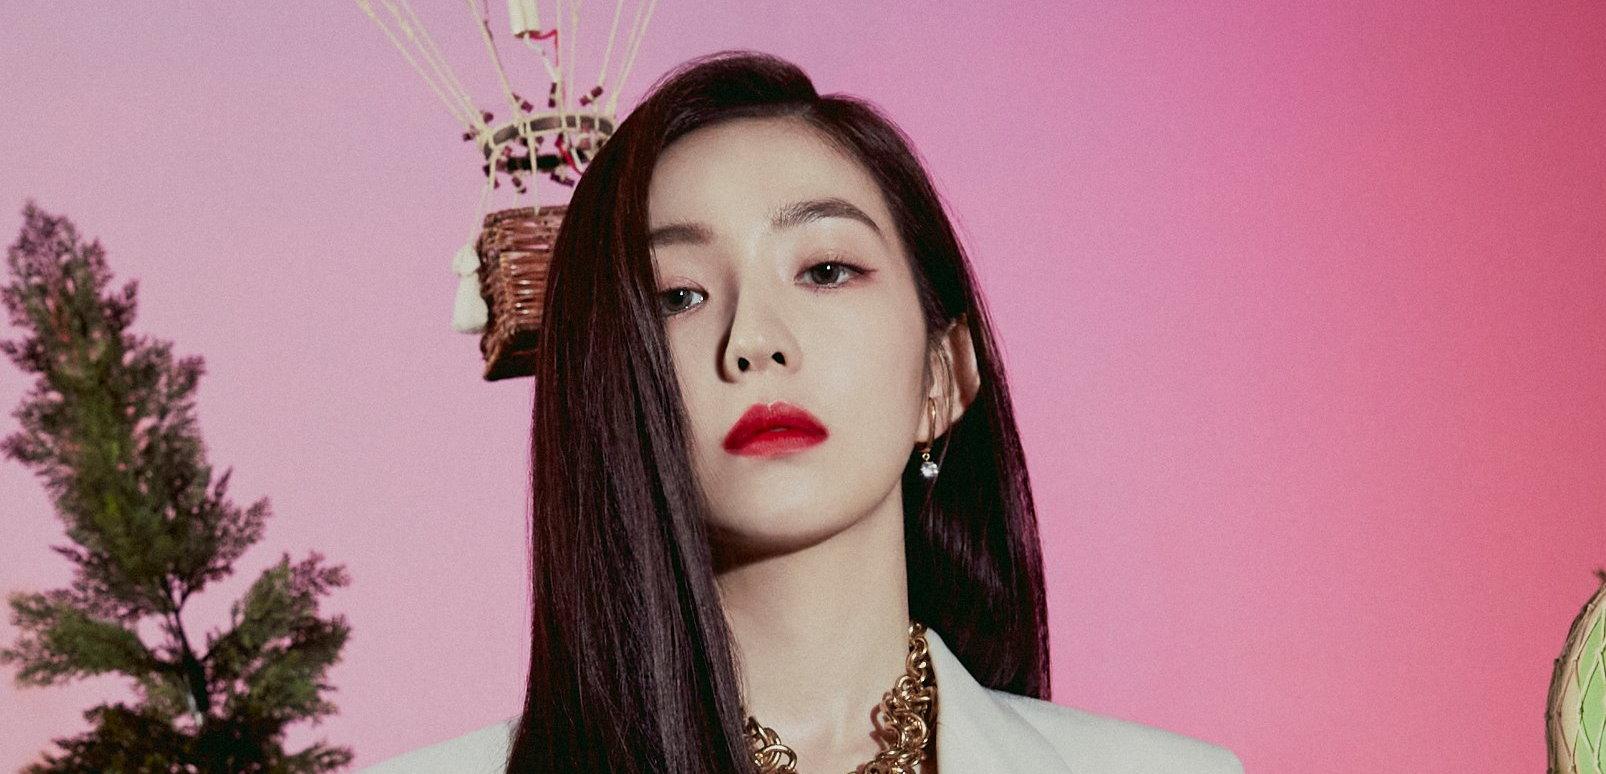 Red Velvet Irene Profile